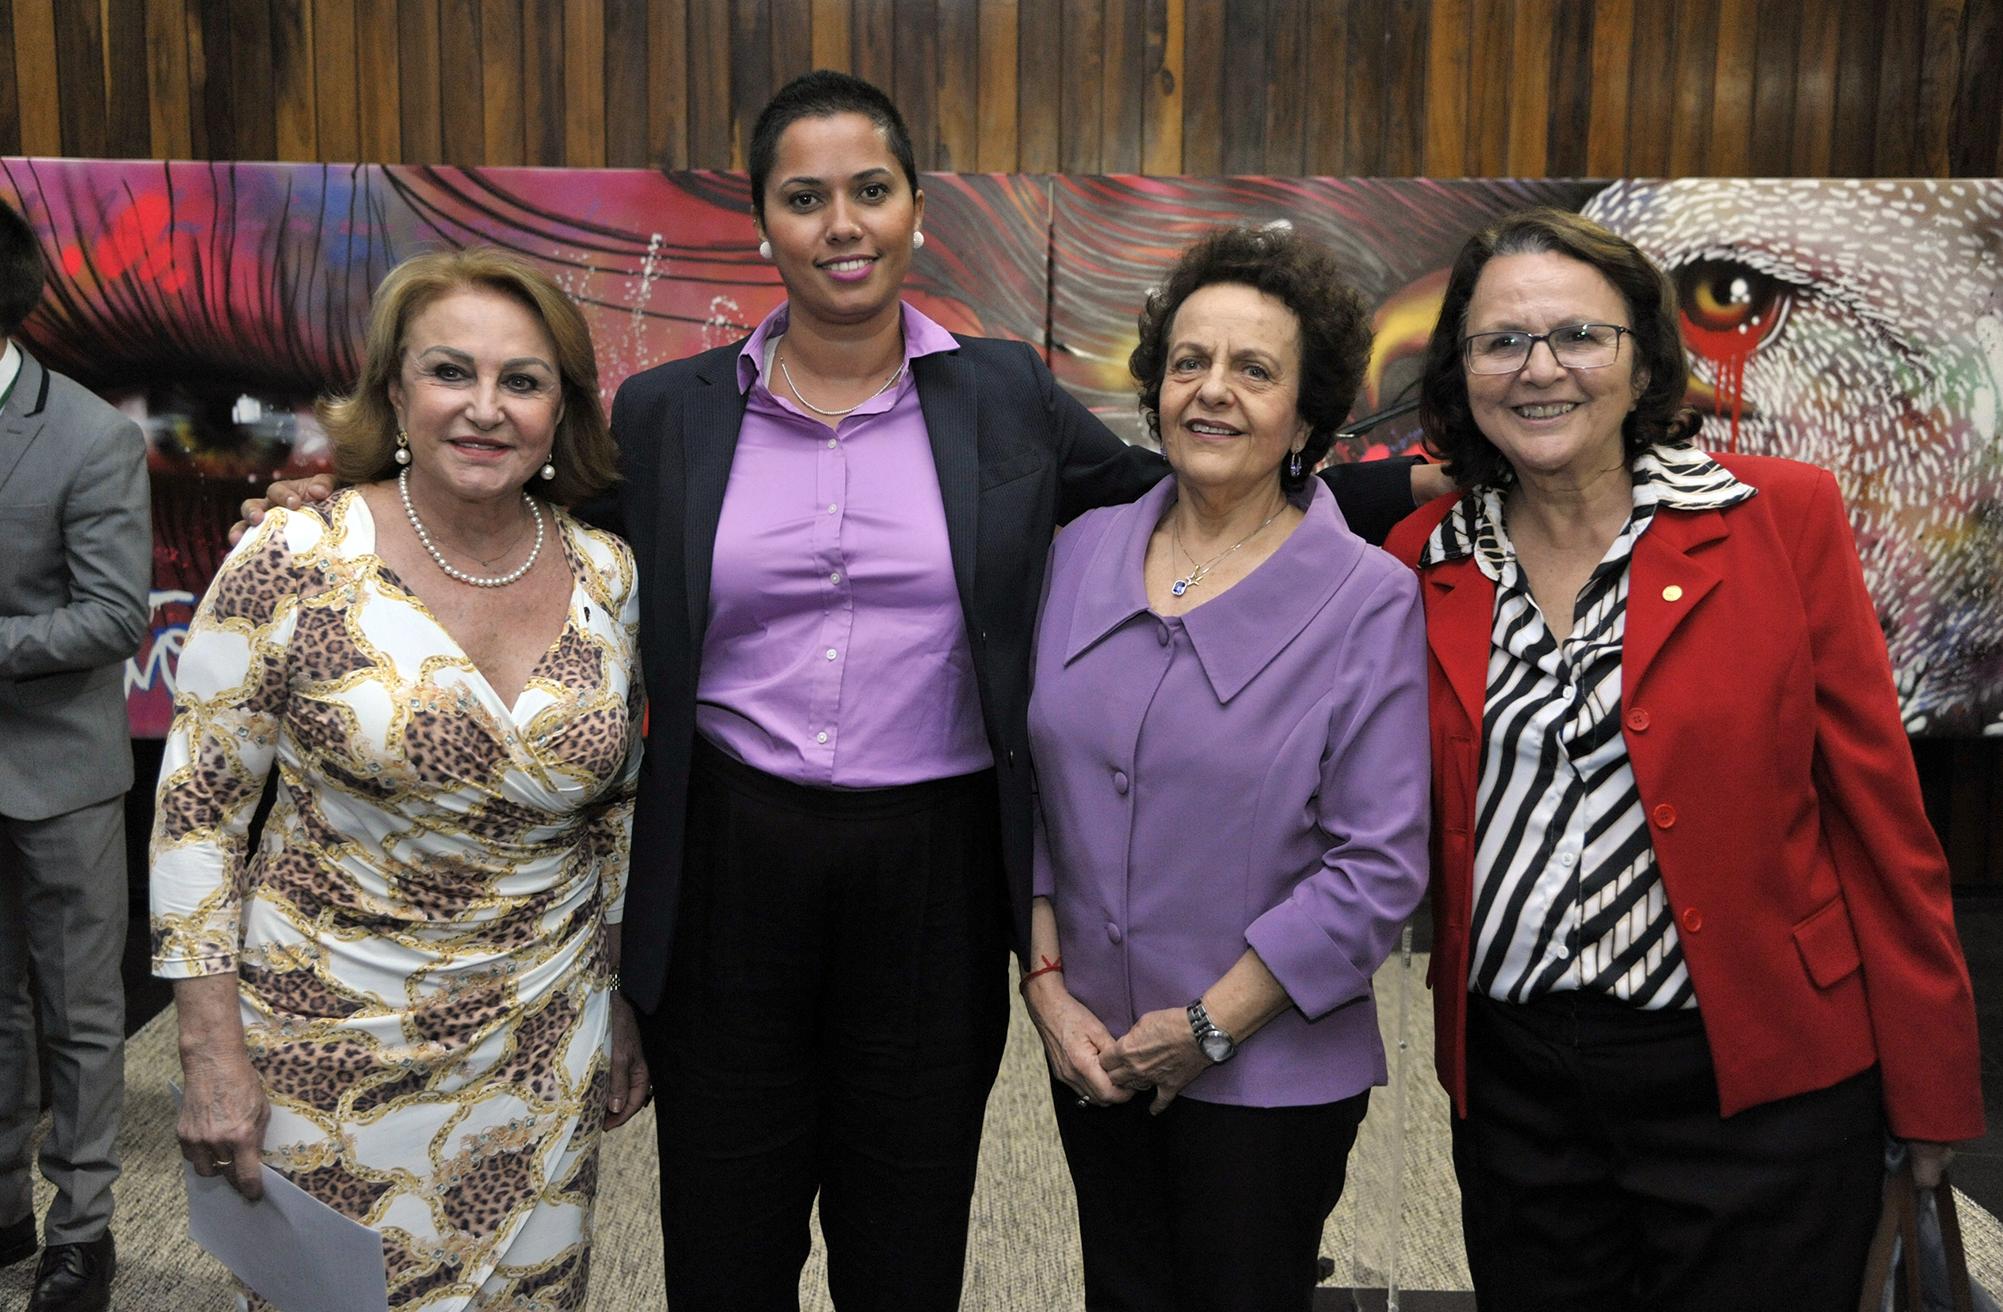 Ato em Comemoração aos 9 anos da Lei Maria da Penha. (E/D) Dep. Elcione Barbalho (PMDB-PA); grafiteira Panmela Castro; ministra da Secretaria de Políticas para as Mulheres da Presidência da República, Eleonora Menicucci de Oliveira; e dep. Jô Moraes (PCdoB-MG)